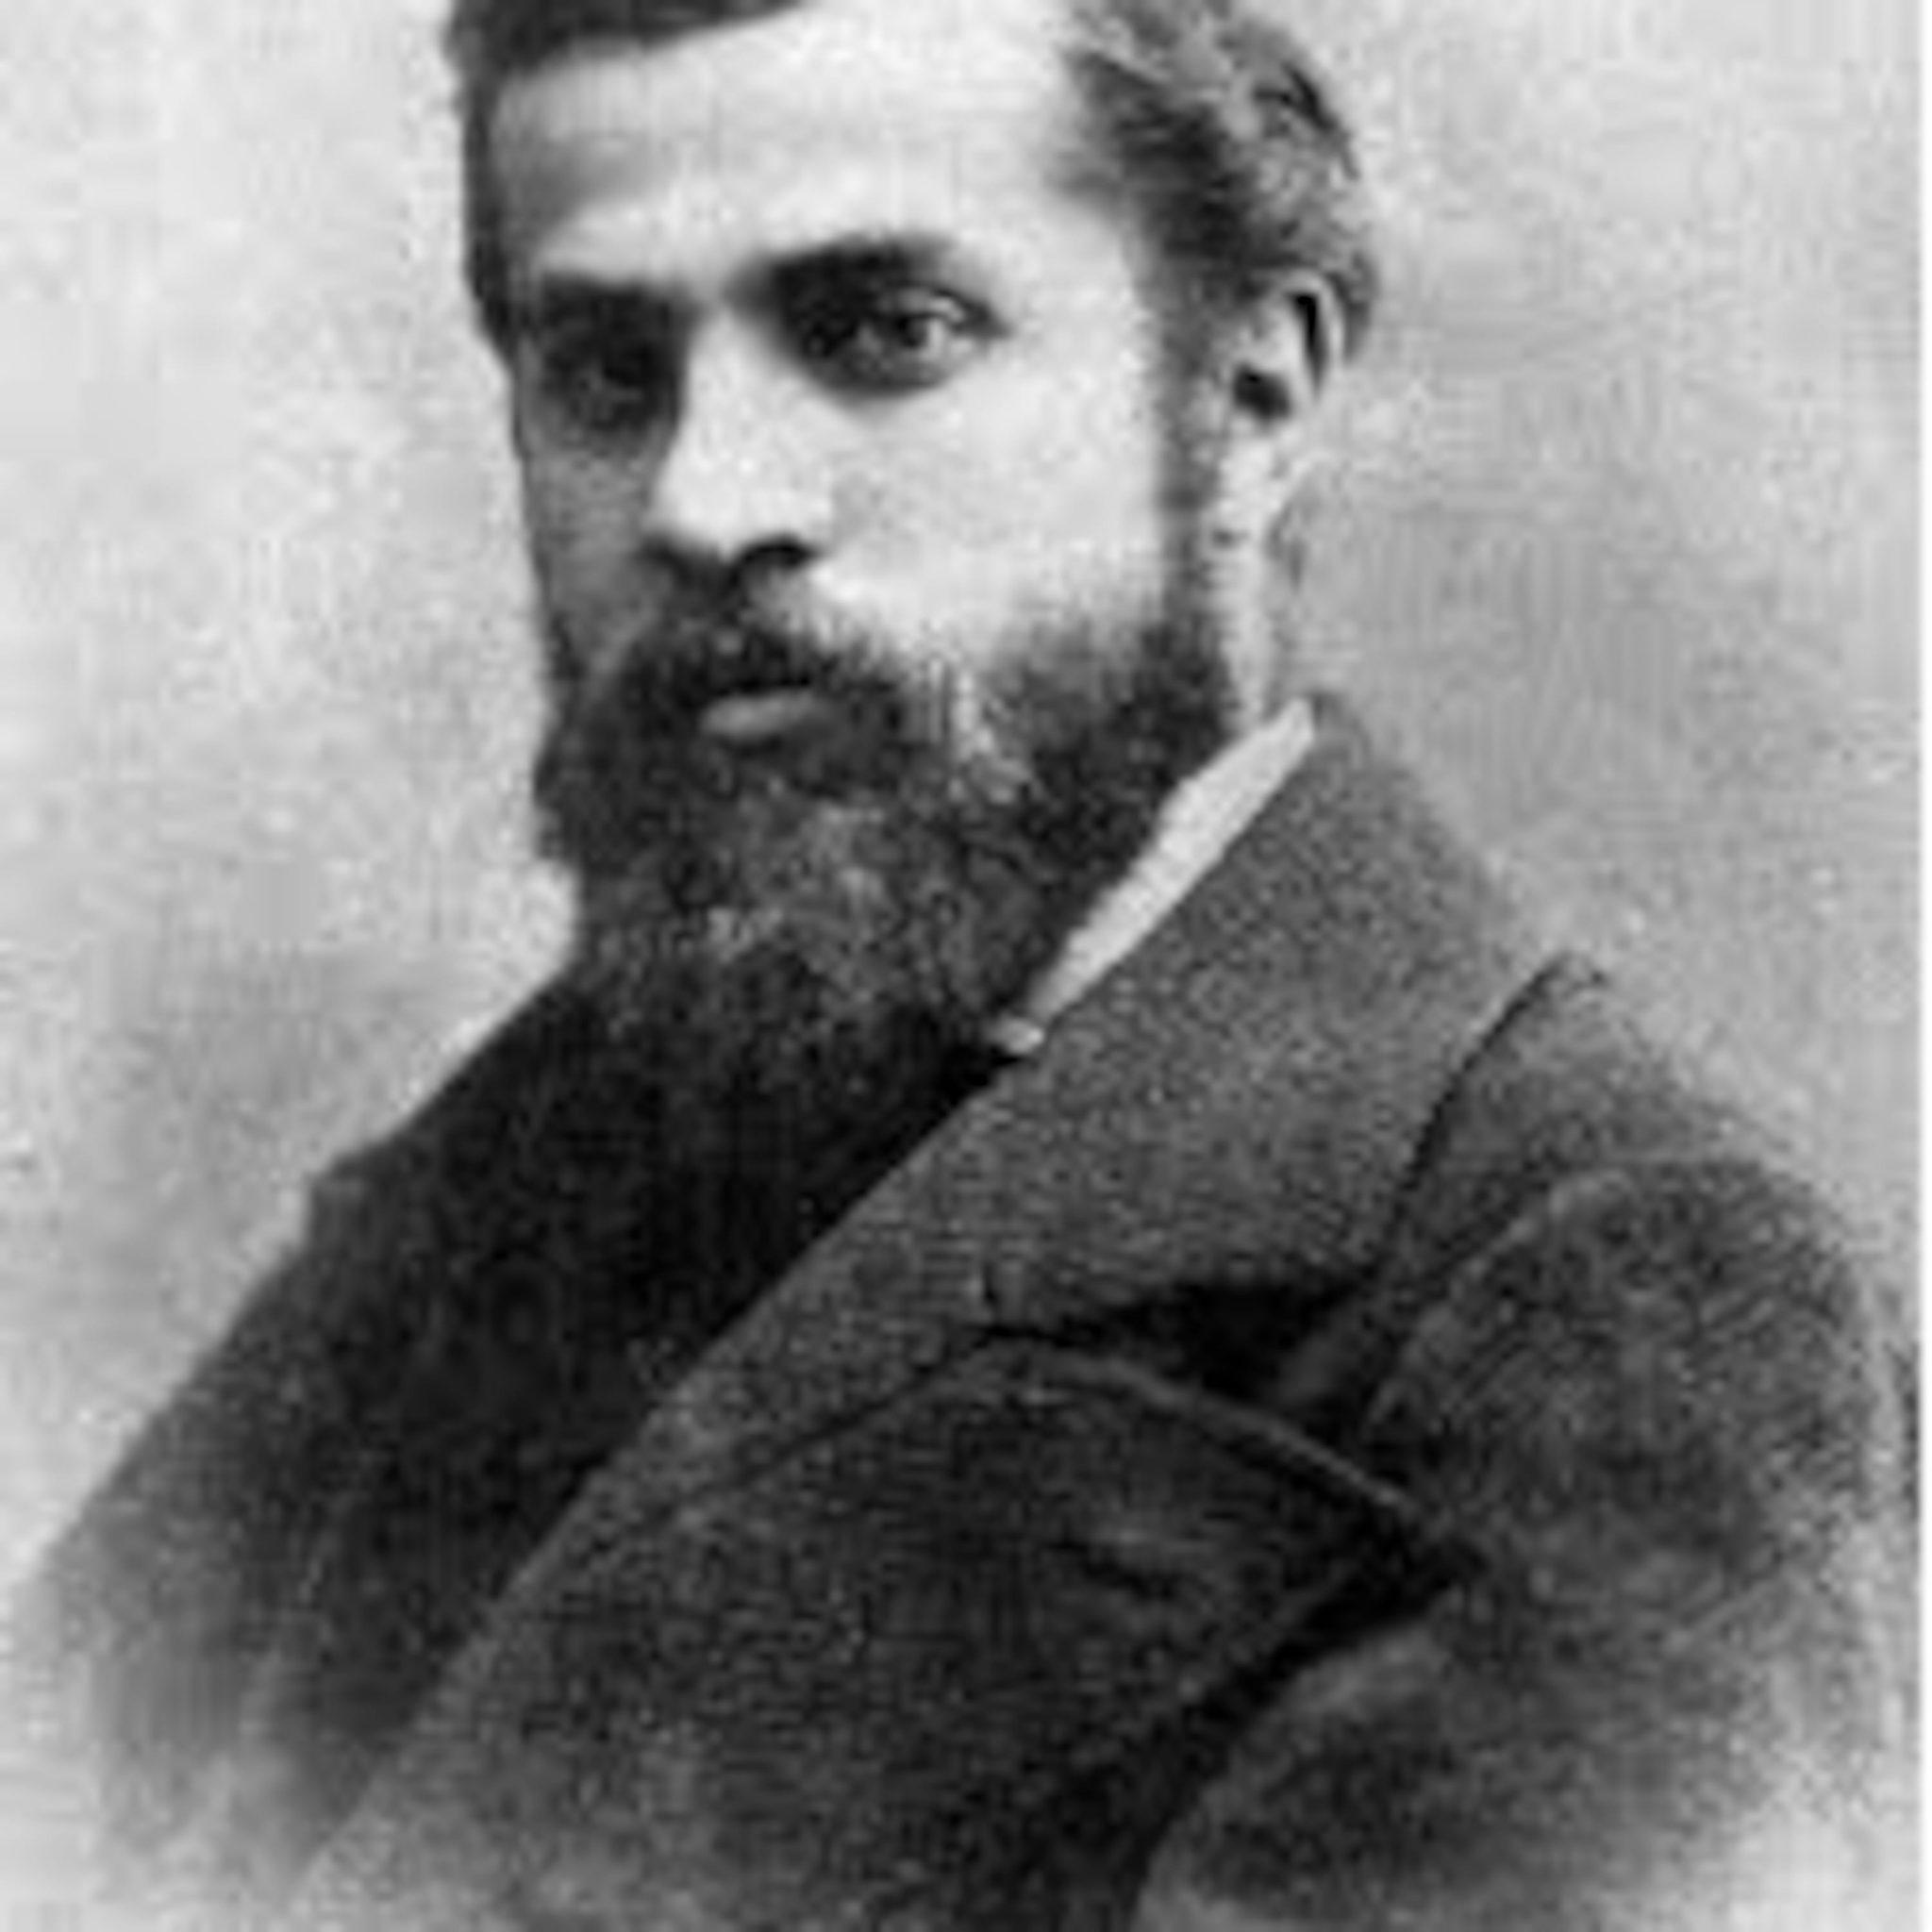 بیوگرافی آنتونی گائودی